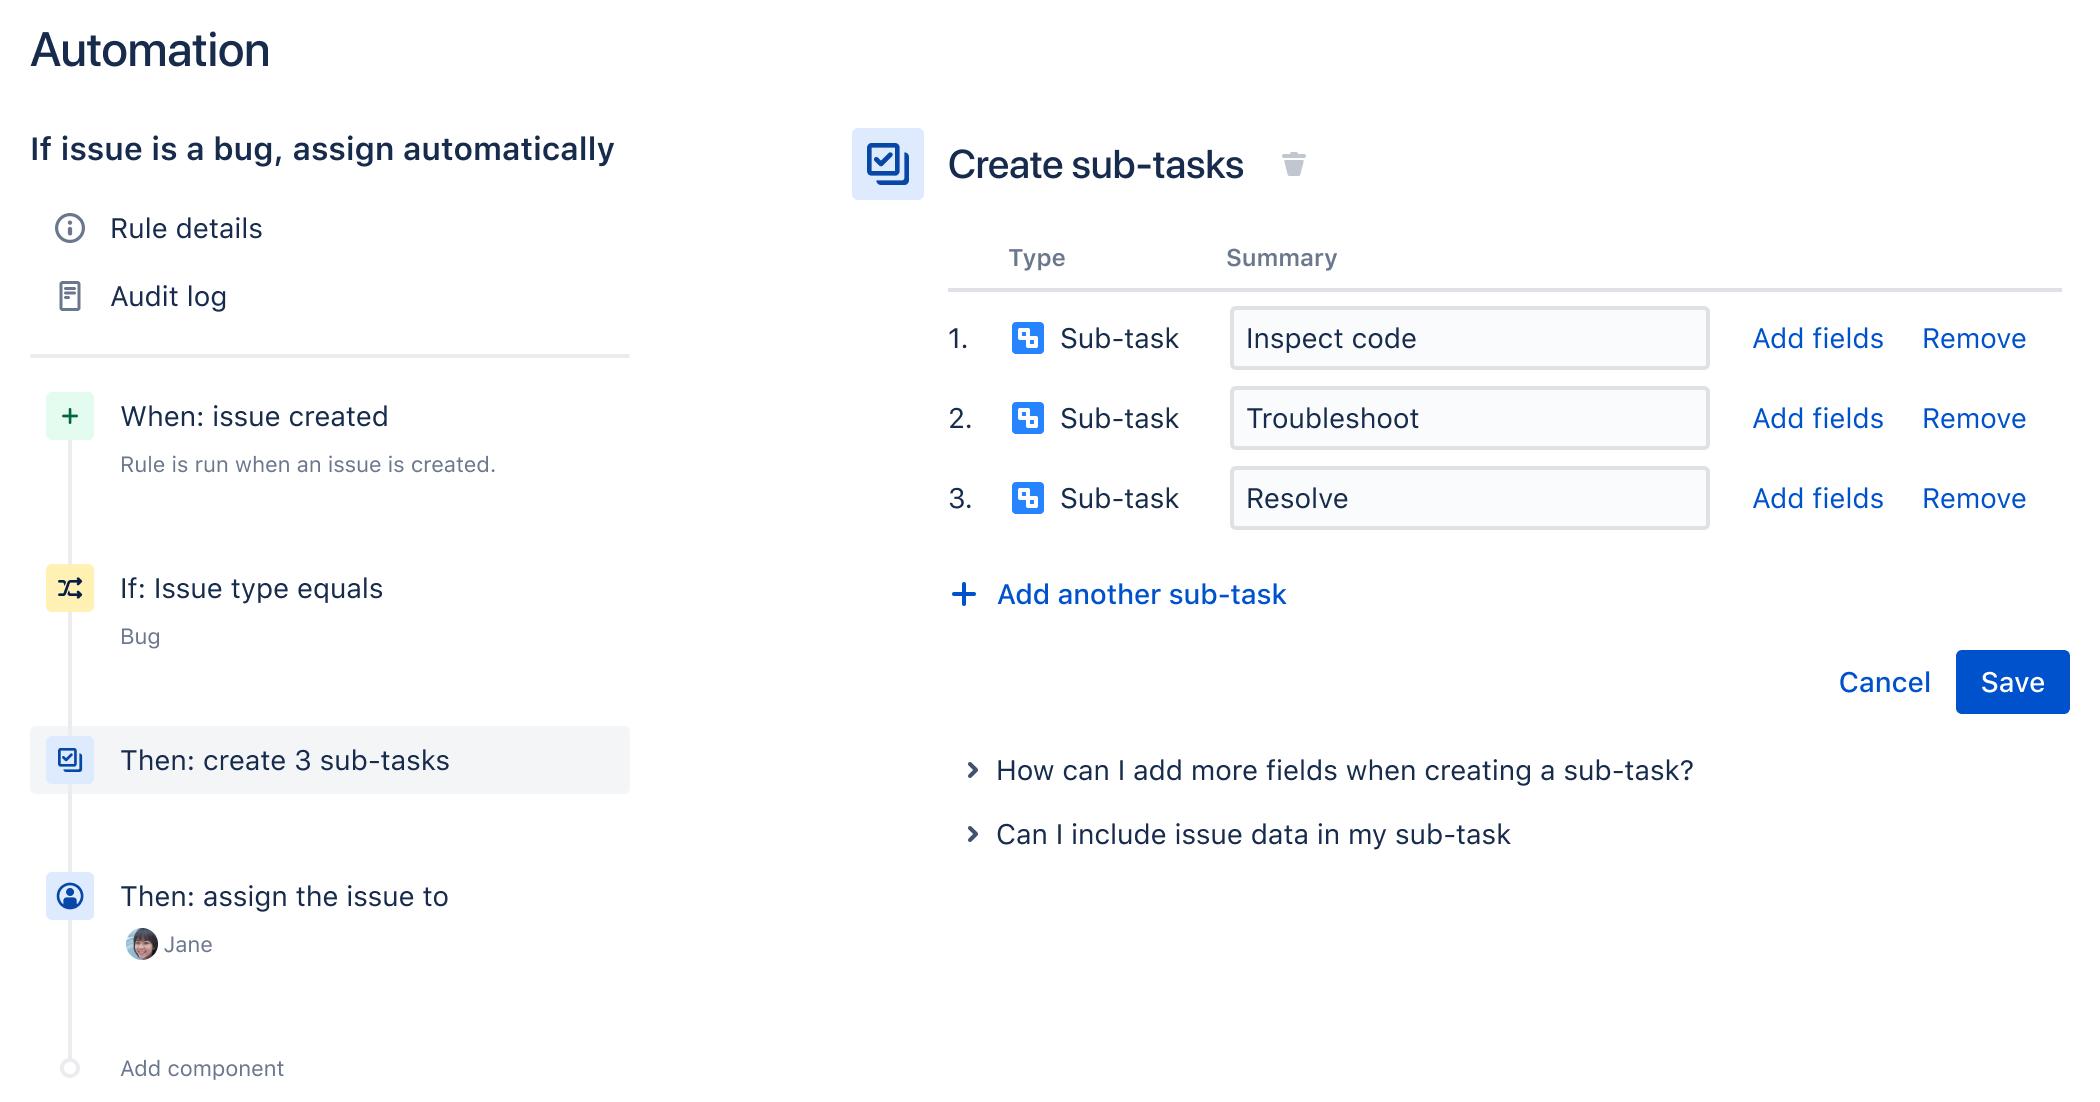 Инструмент создания правил, в котором показано правило для автоматического добавления подзадач при появлении новых багов и назначения их пользователям.